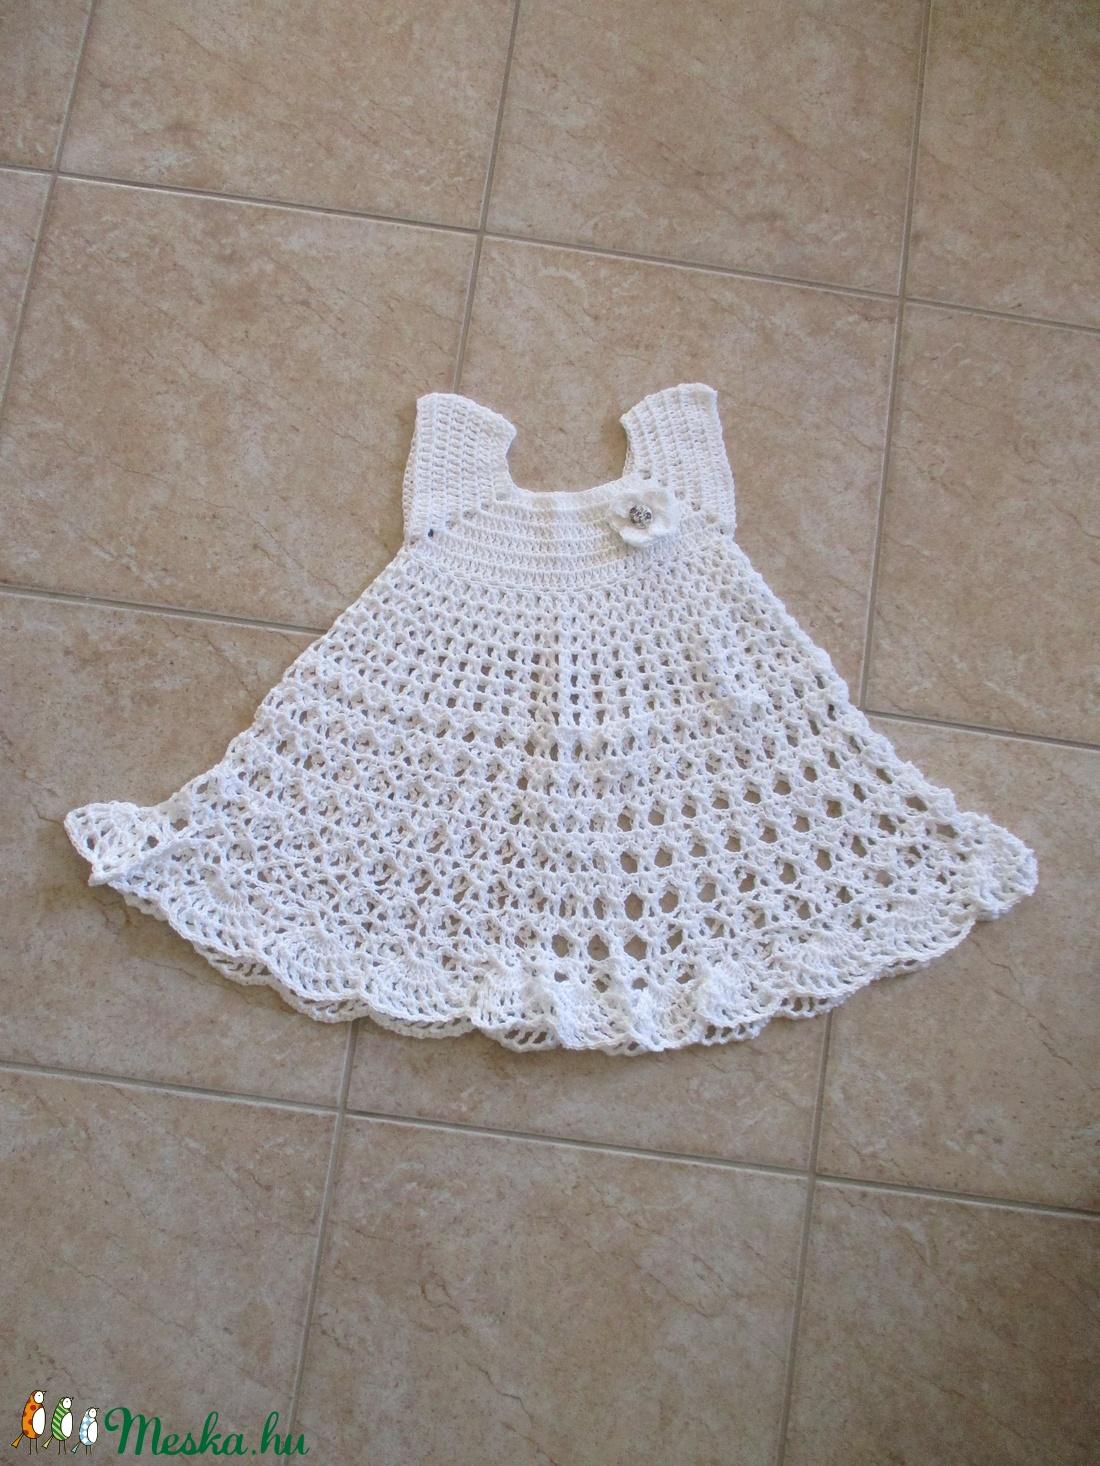 Fehér pamut, horgolt kislány ruha - Meska.hu